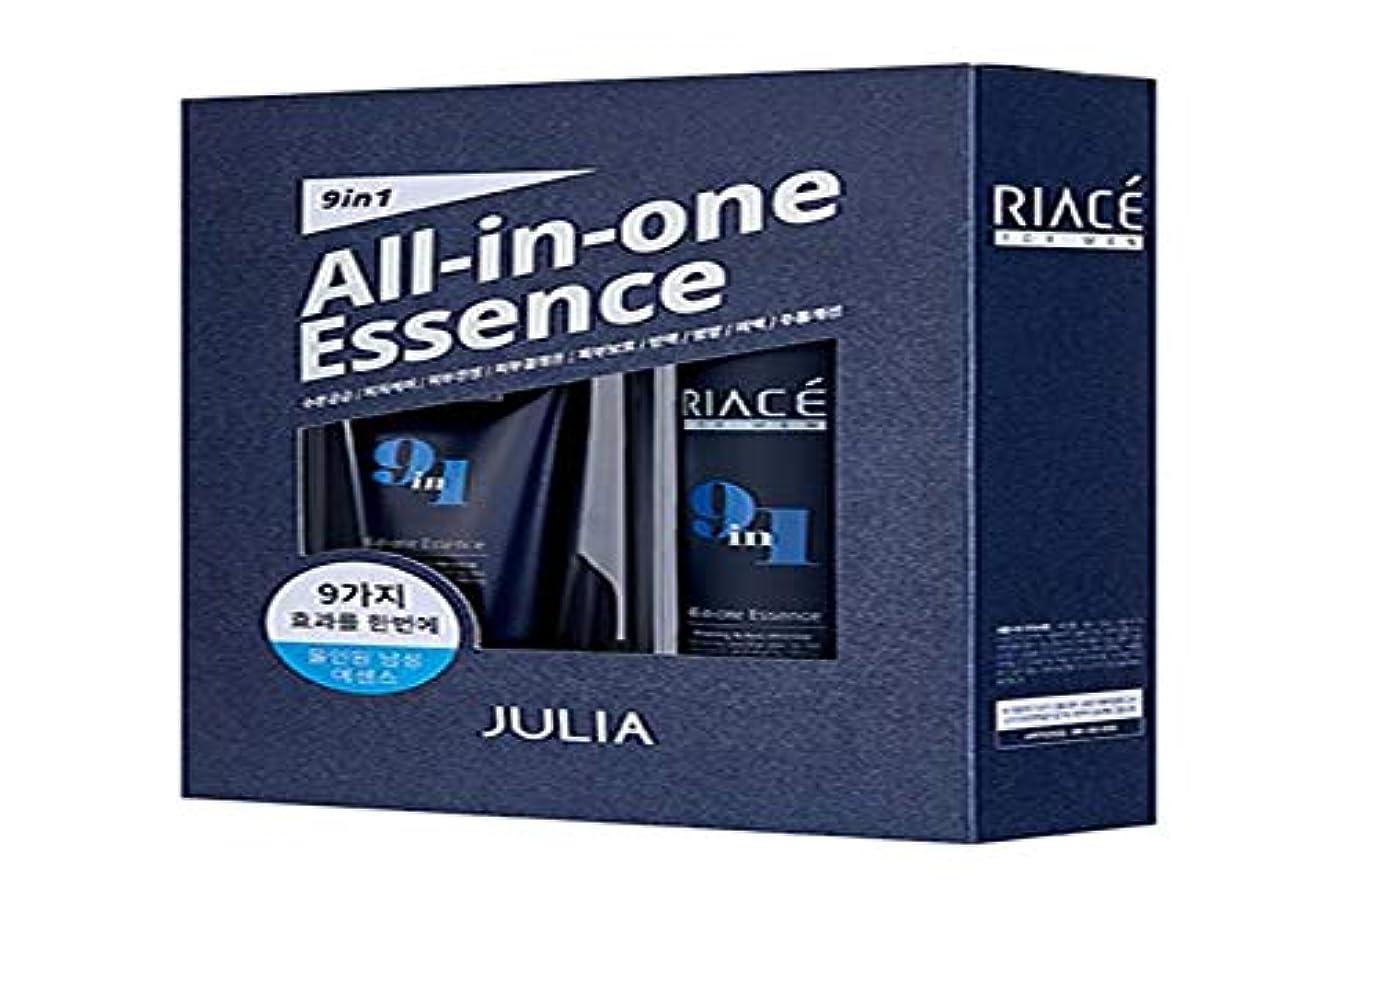 青雪の征服するKorean Cosmetics Julia RIACE For men All-in-one Essence Perfection (Toner + Emulsion + Essence) 韓国化粧品ジュリア 男性用オールインワンエッセンスパーフェクトパーフェクト...